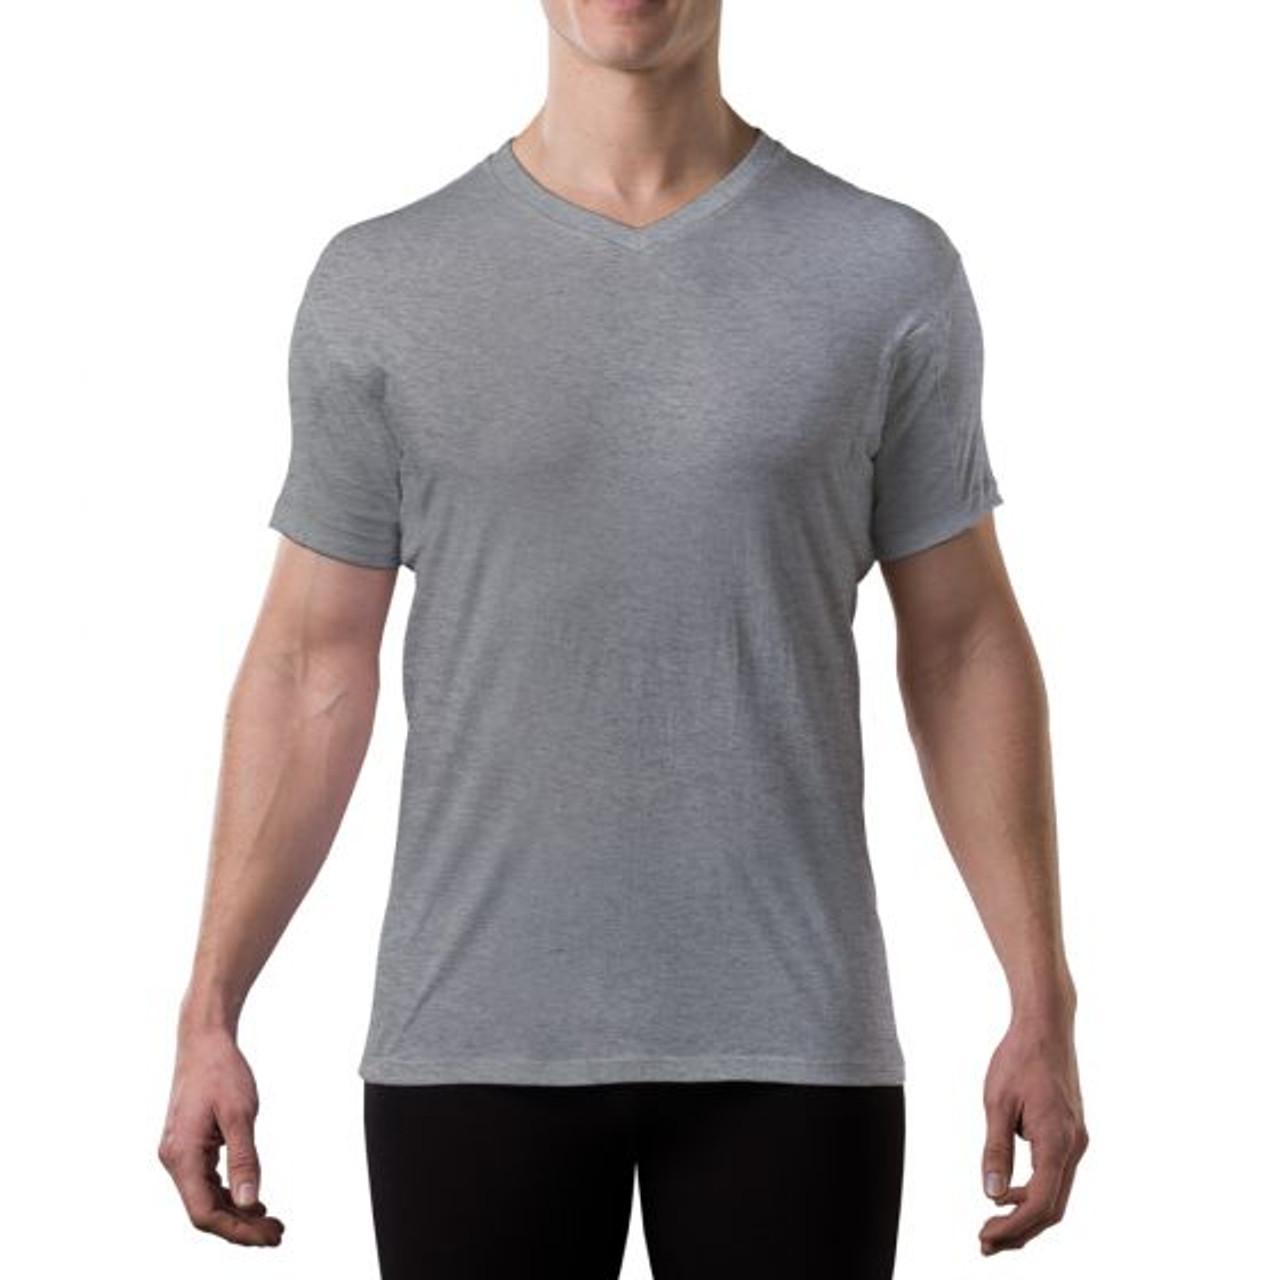 c513e90a49199 Men s Sweat Proof Undershirt - V-Neck - Original Fit